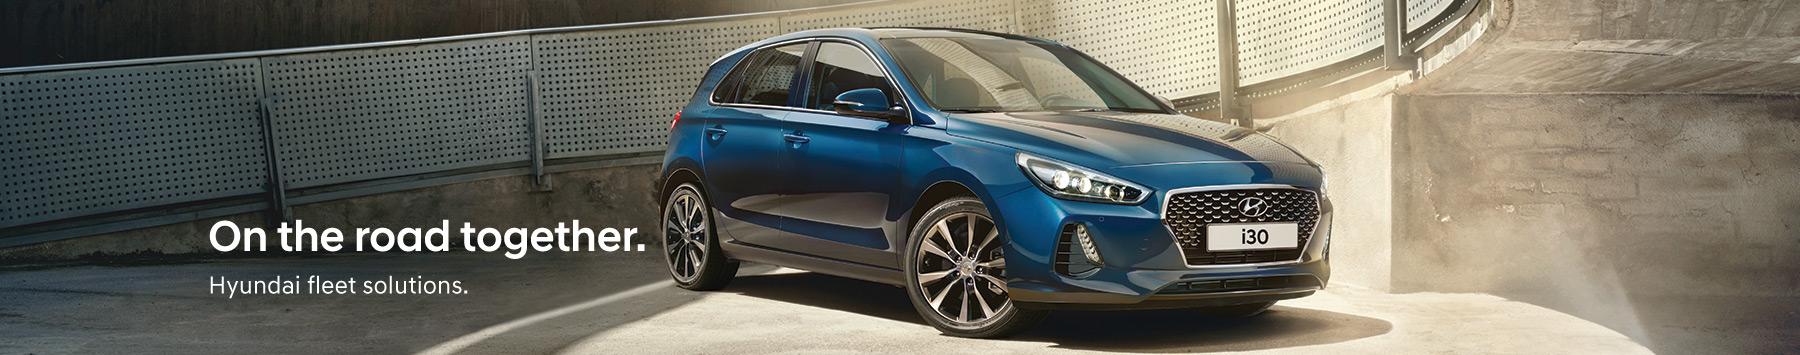 Car Dealer in VIC Wangaratta 3677 Wangaratta Hyundai 41 Tone Road 0357222000